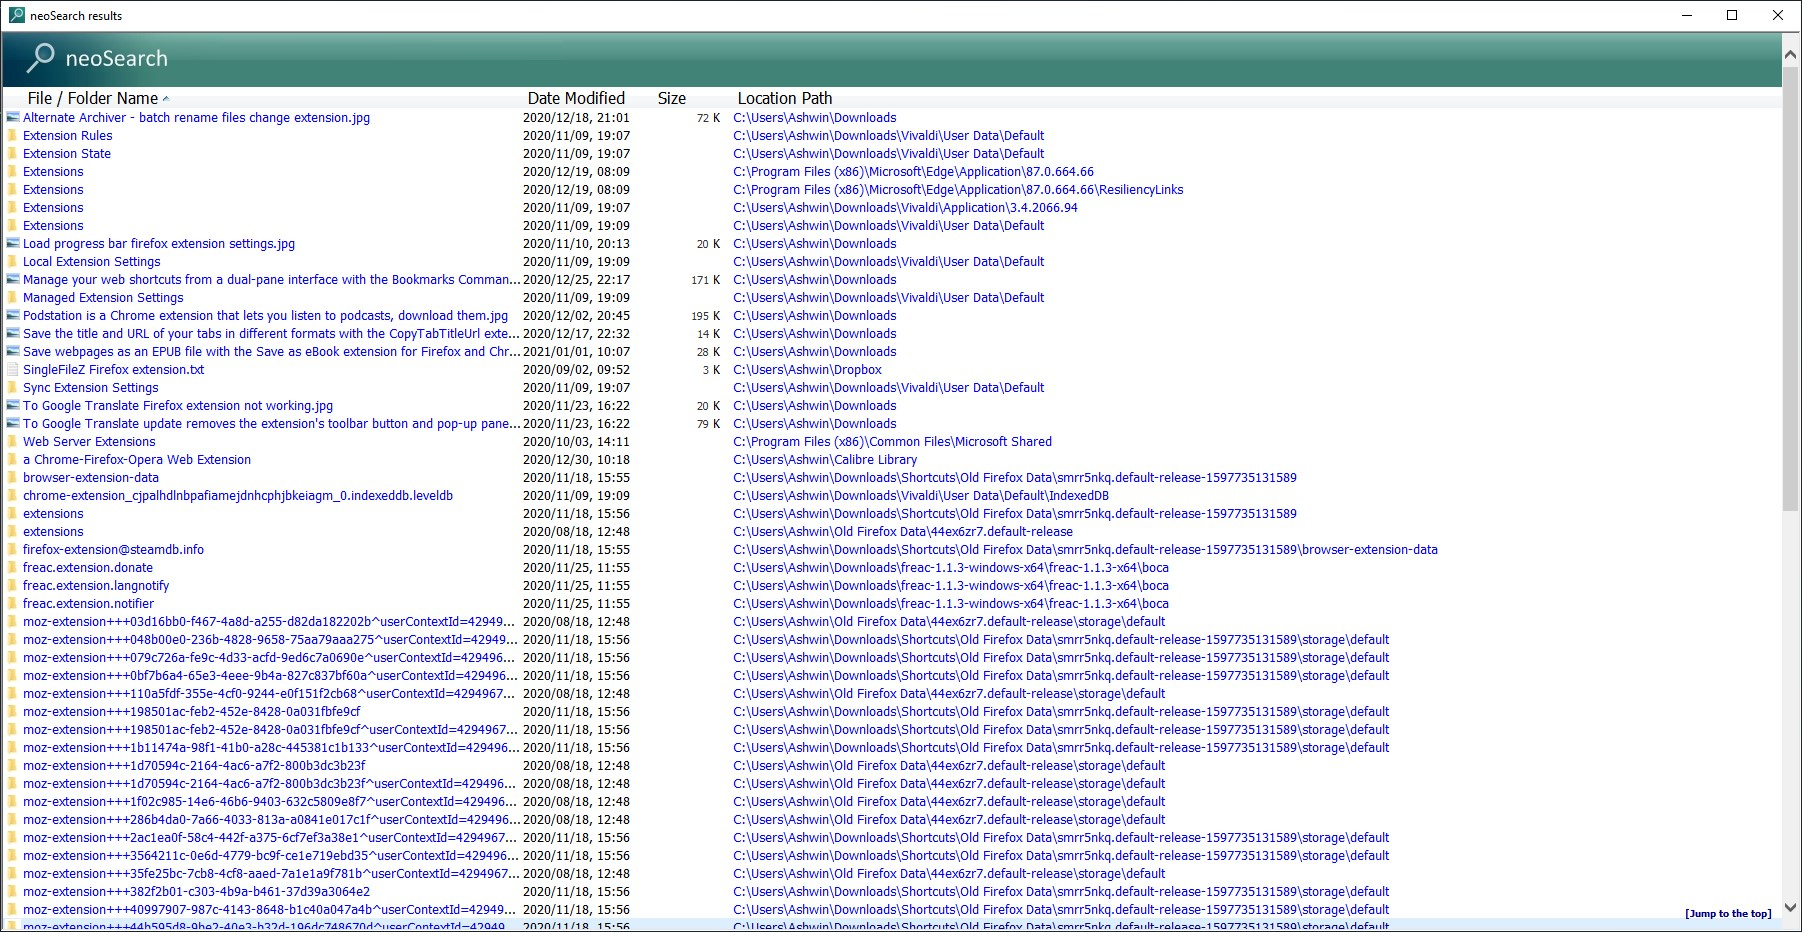 Vista de resultados de neoSearch